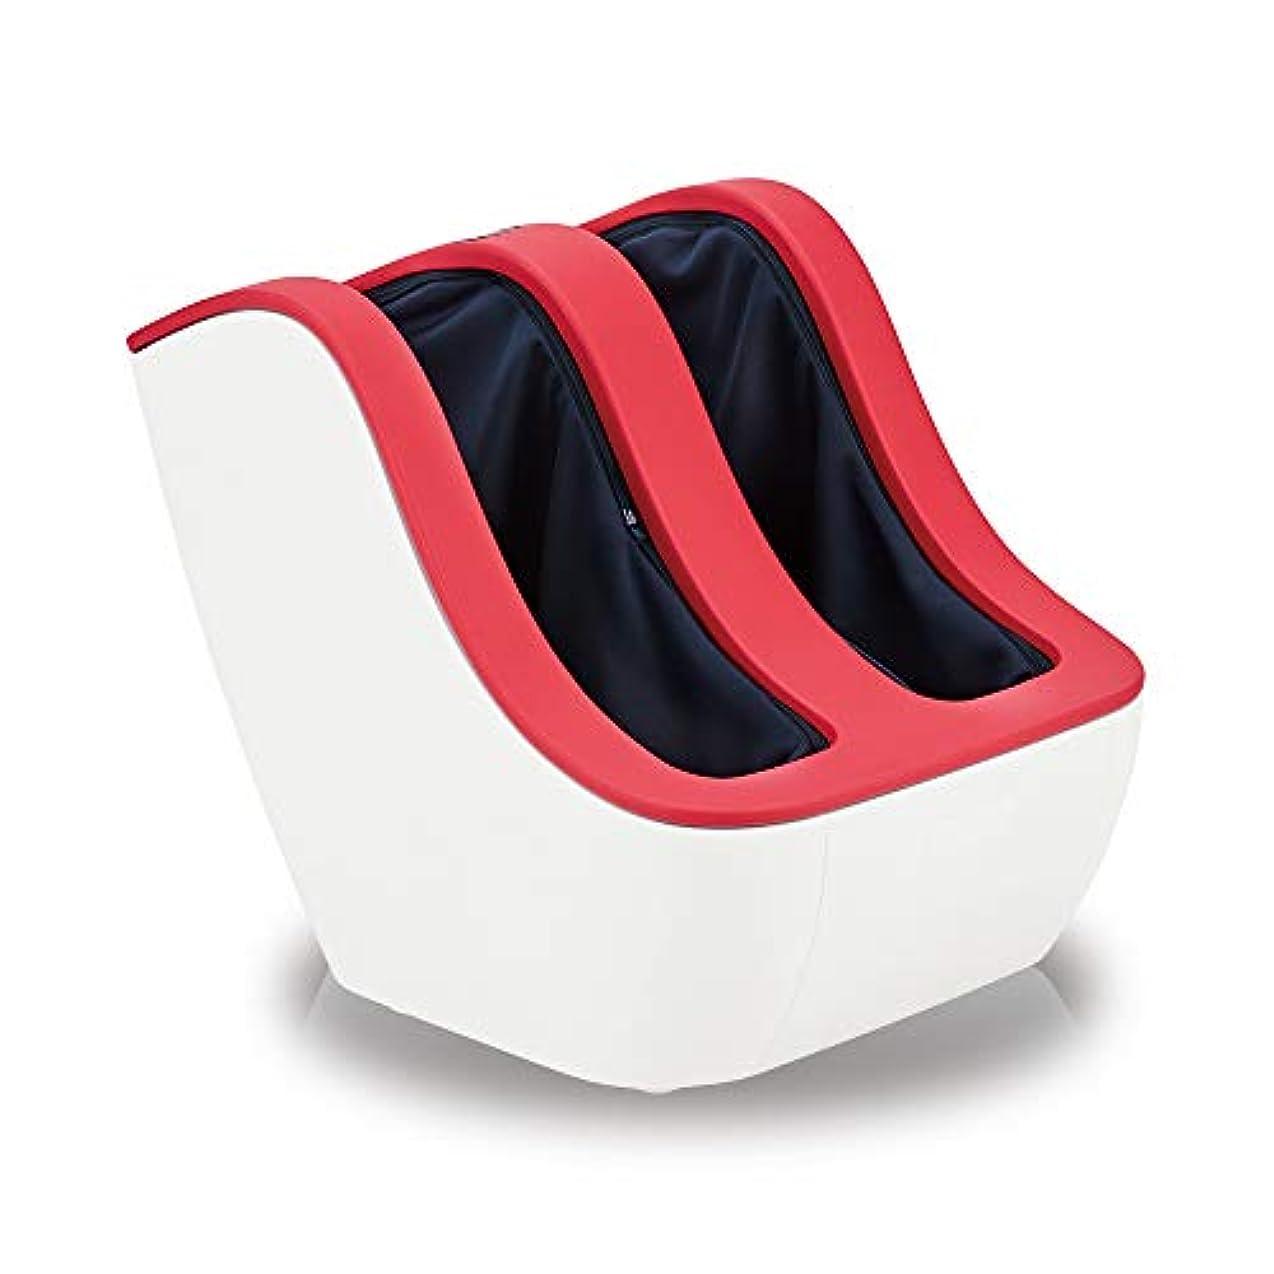 フクロウ日常的に凶暴なシンカ フットマッサージャー [ レッド / FM212 ] 美脚 医療機器 (3Dもみ玉ローラー) ふくらはぎ 足の裏 おしゃれ マッサージ ヒーター機能付き